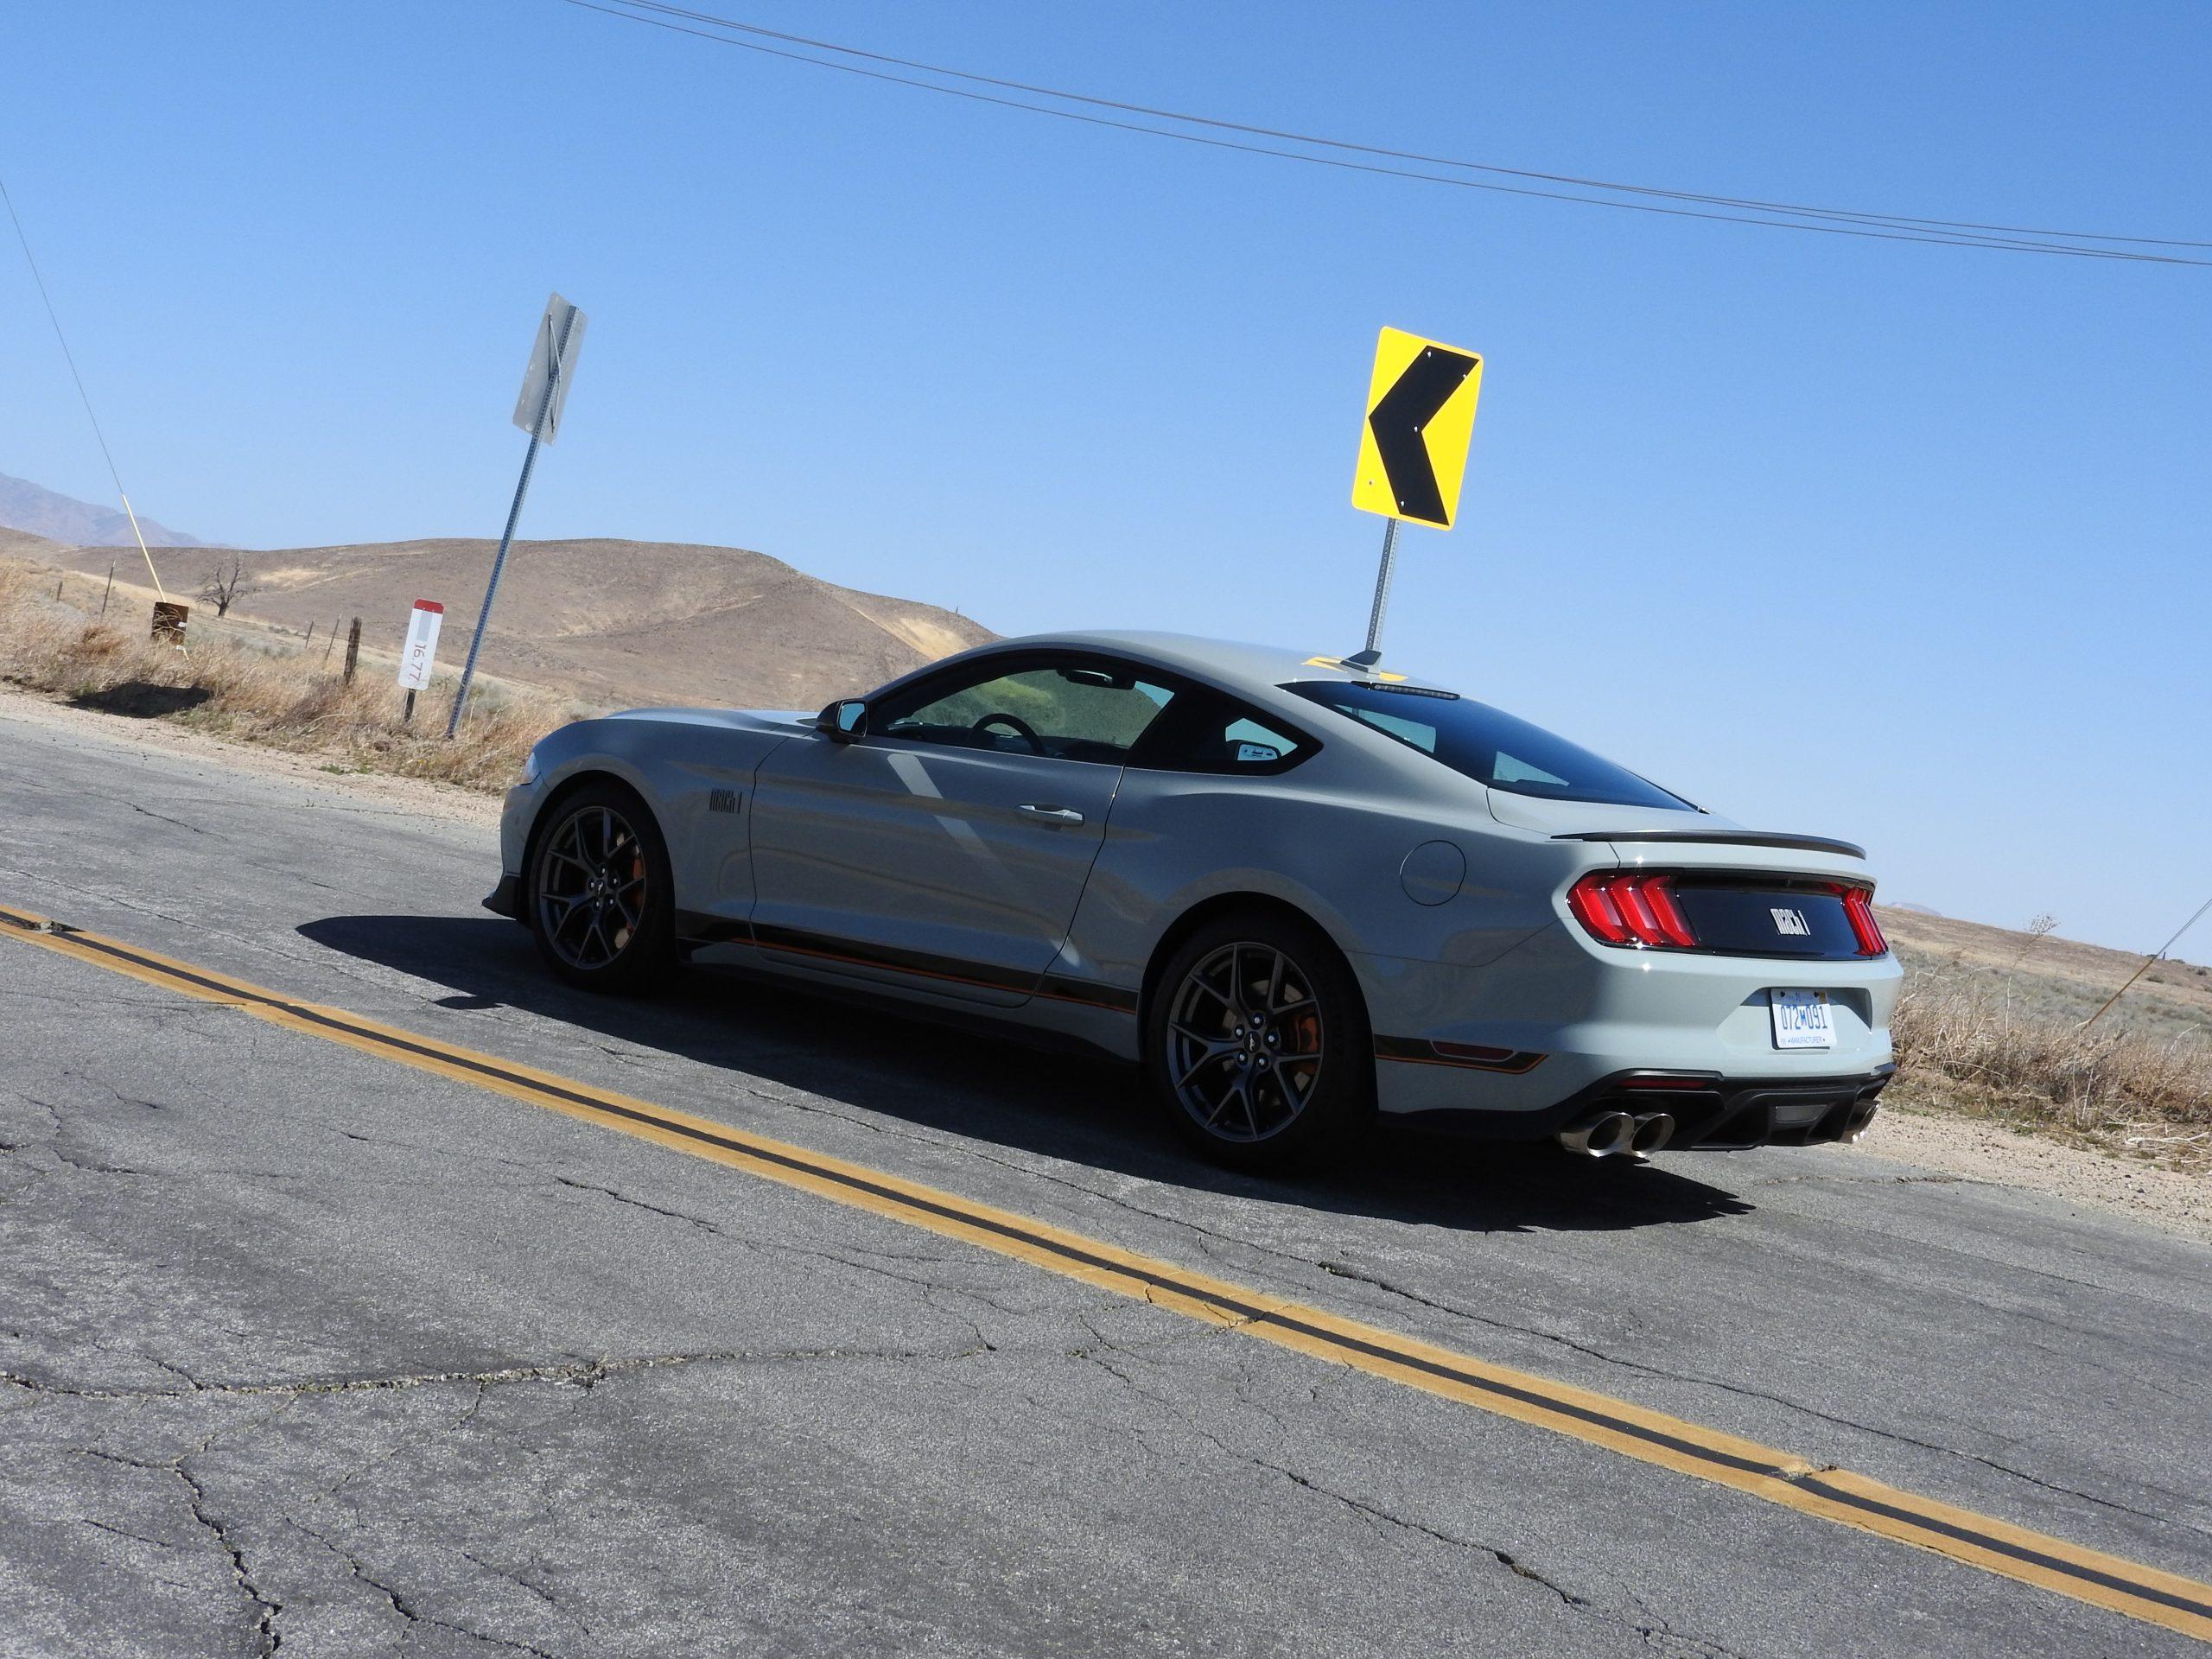 New Mustang Mach 1 rear three-quarter